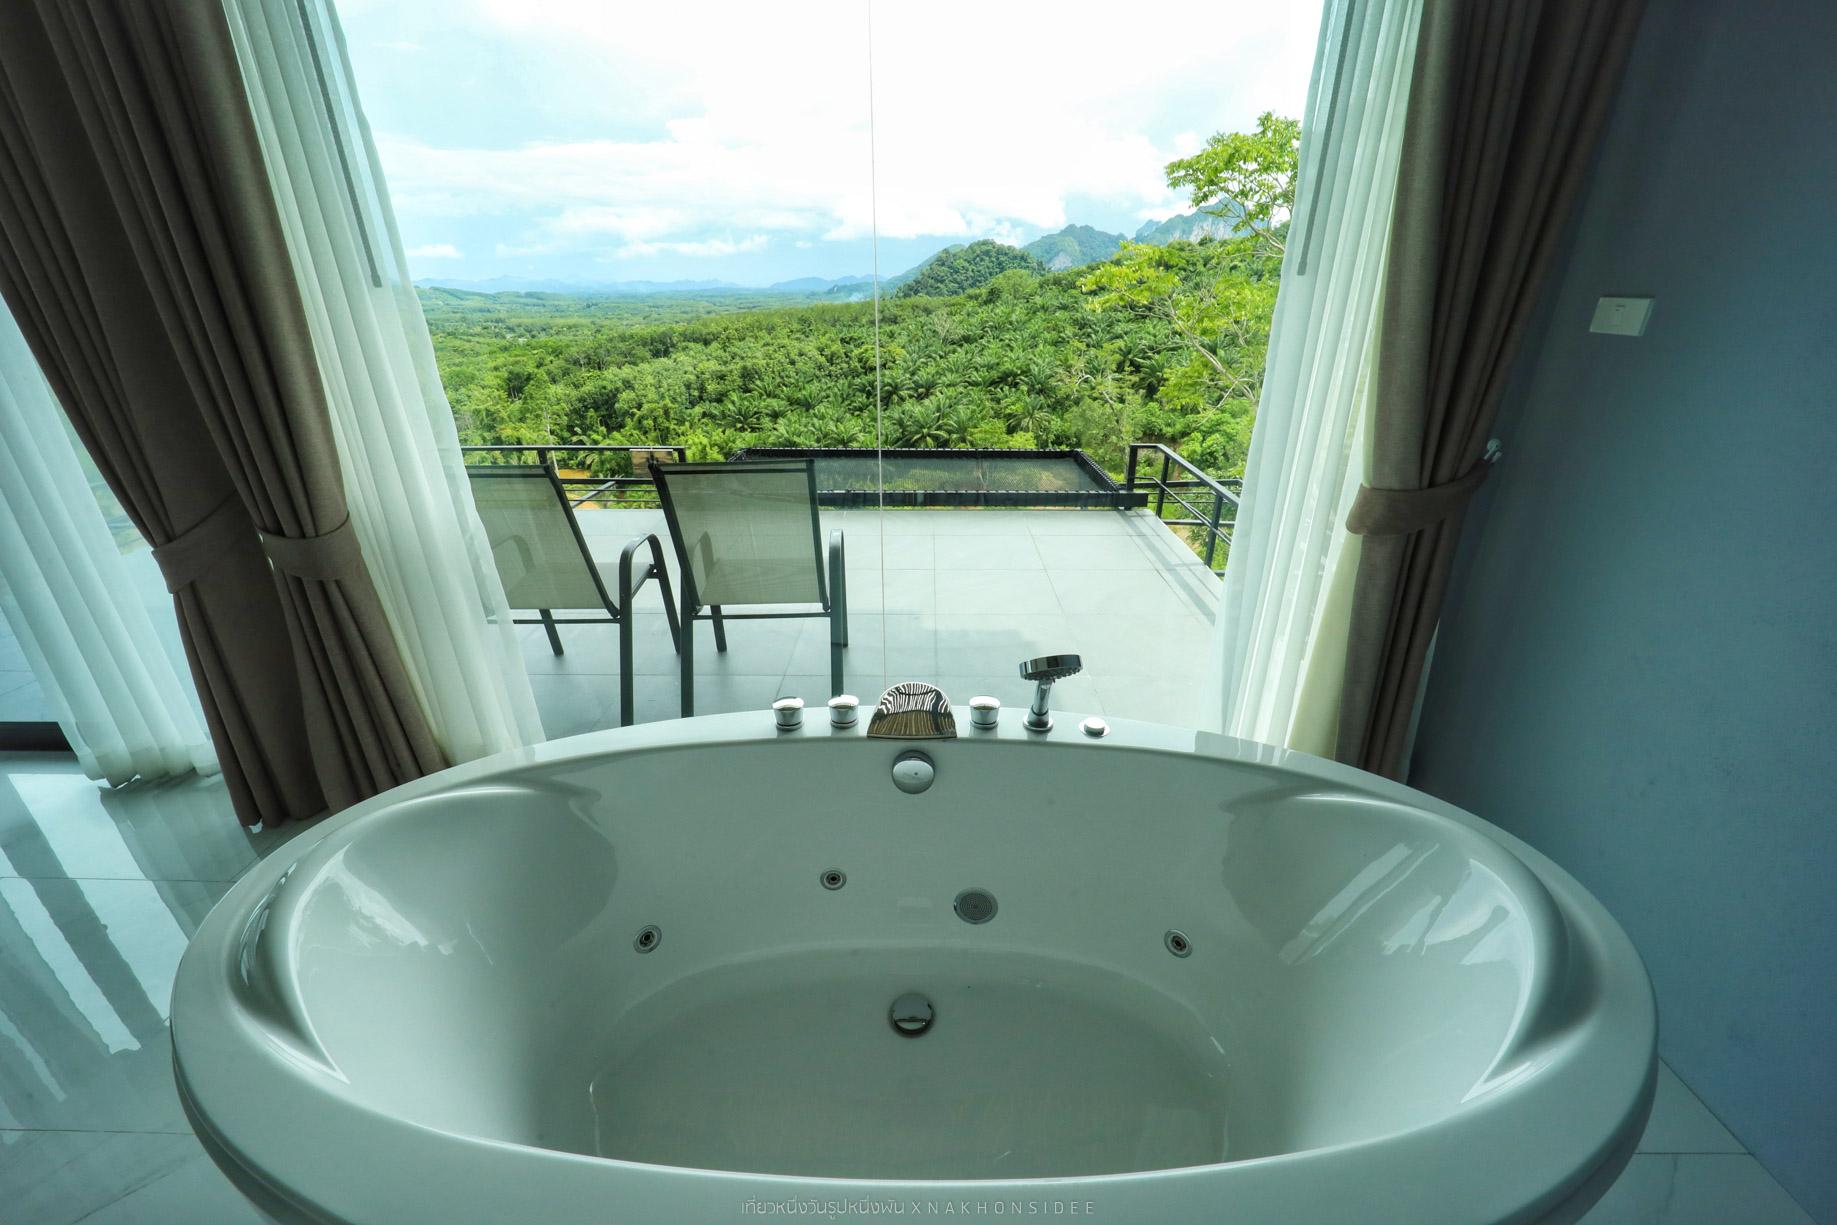 caligo,resort,ที่พักสุราษฎร์,โรงแรม,เขื่อนเชี่ยวหลาน